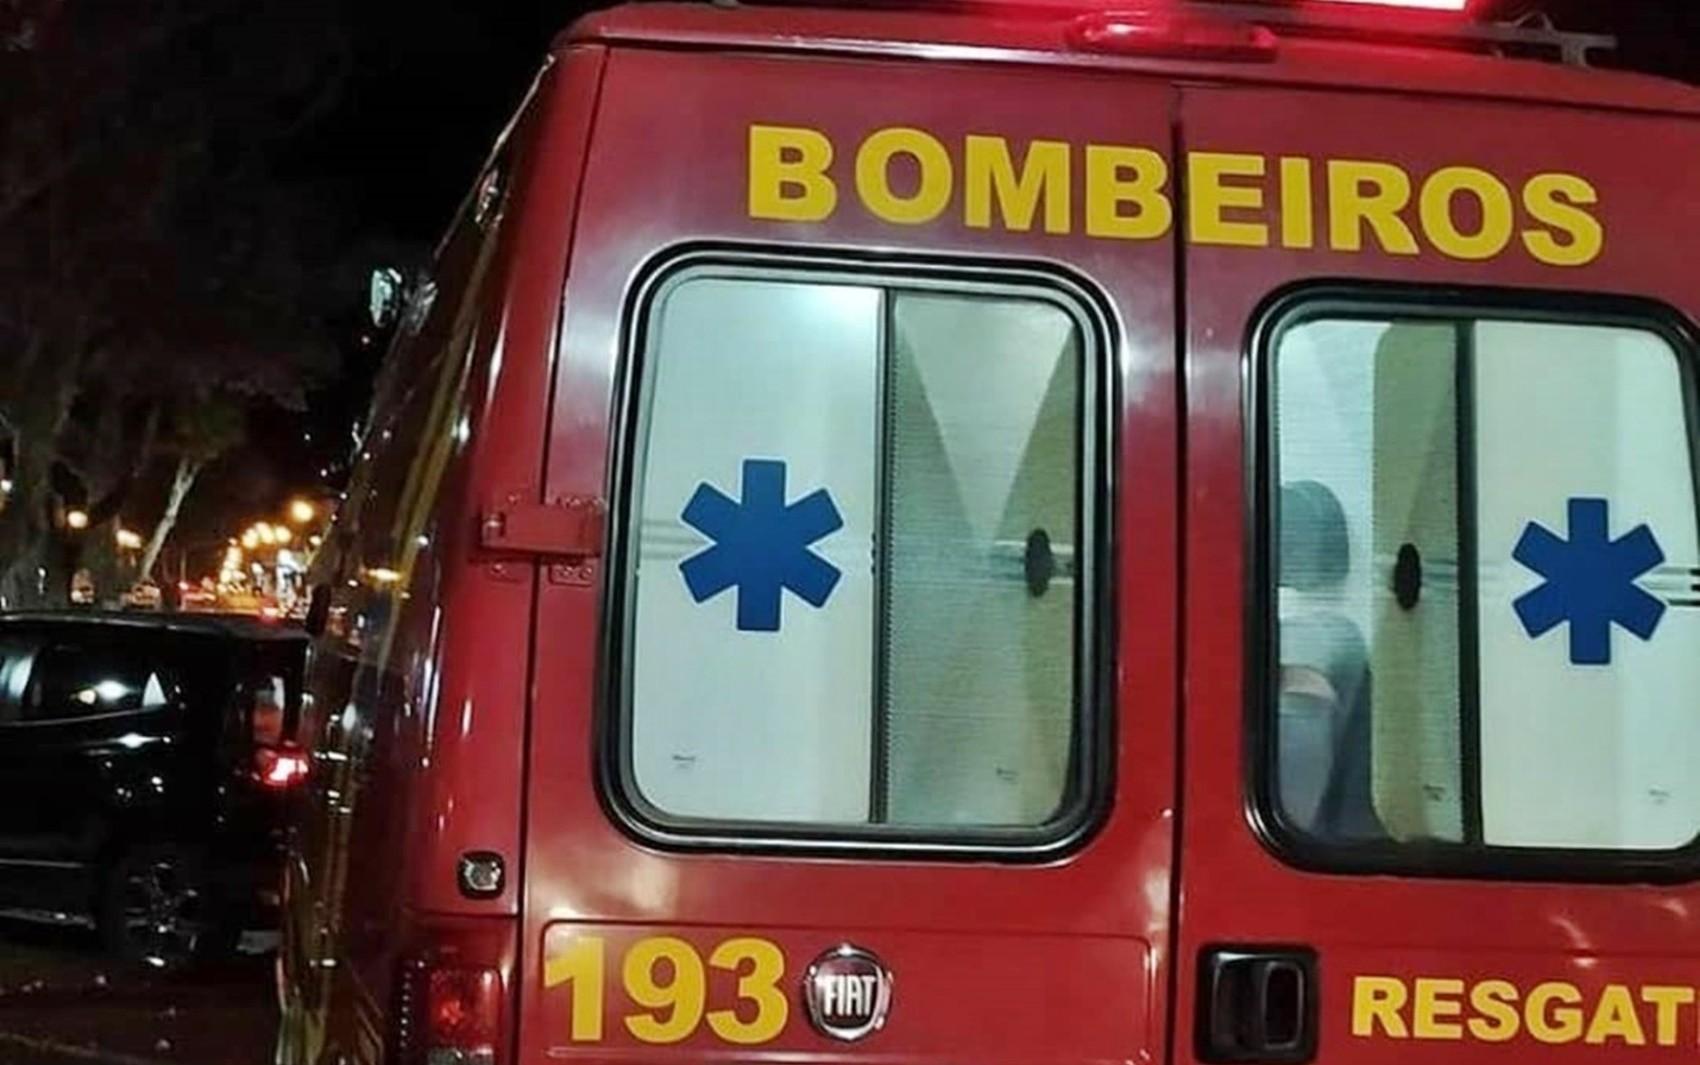 Corpo de Bombeiros salva bebê de seis dias que engasgou após amamentação em Guaxupé, MG